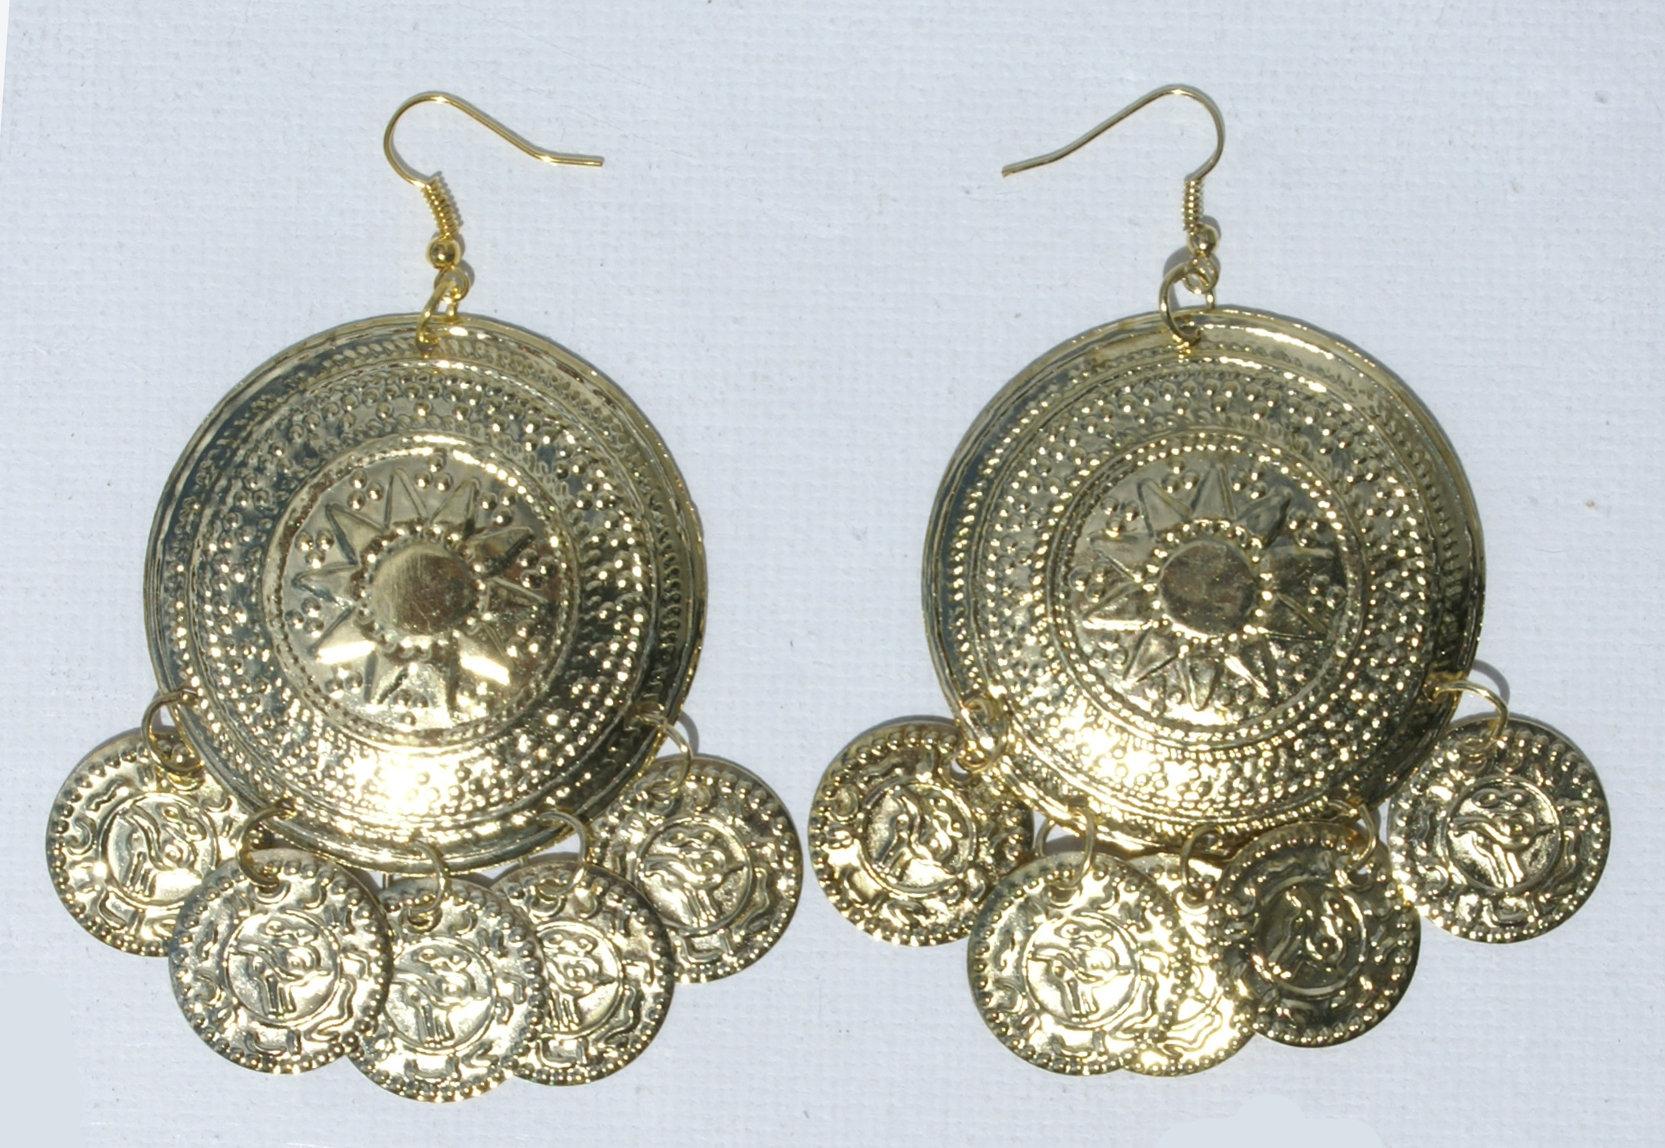 274c59a29106 aretes pintados en oro con una bola grande. -  5.00 USD - Subastas